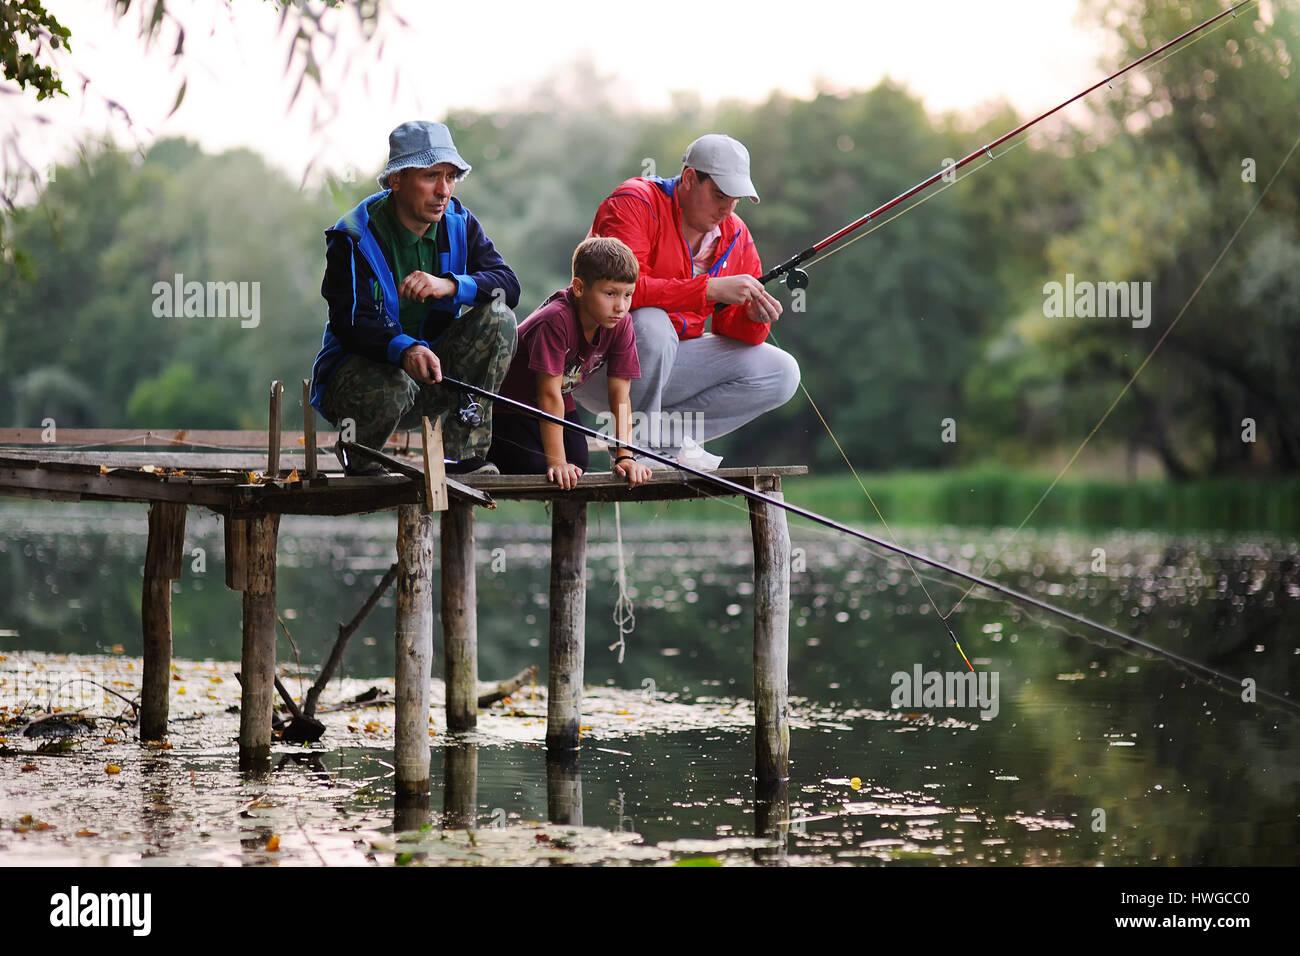 Dos pescadores pescar de pie en el puente Imagen De Stock